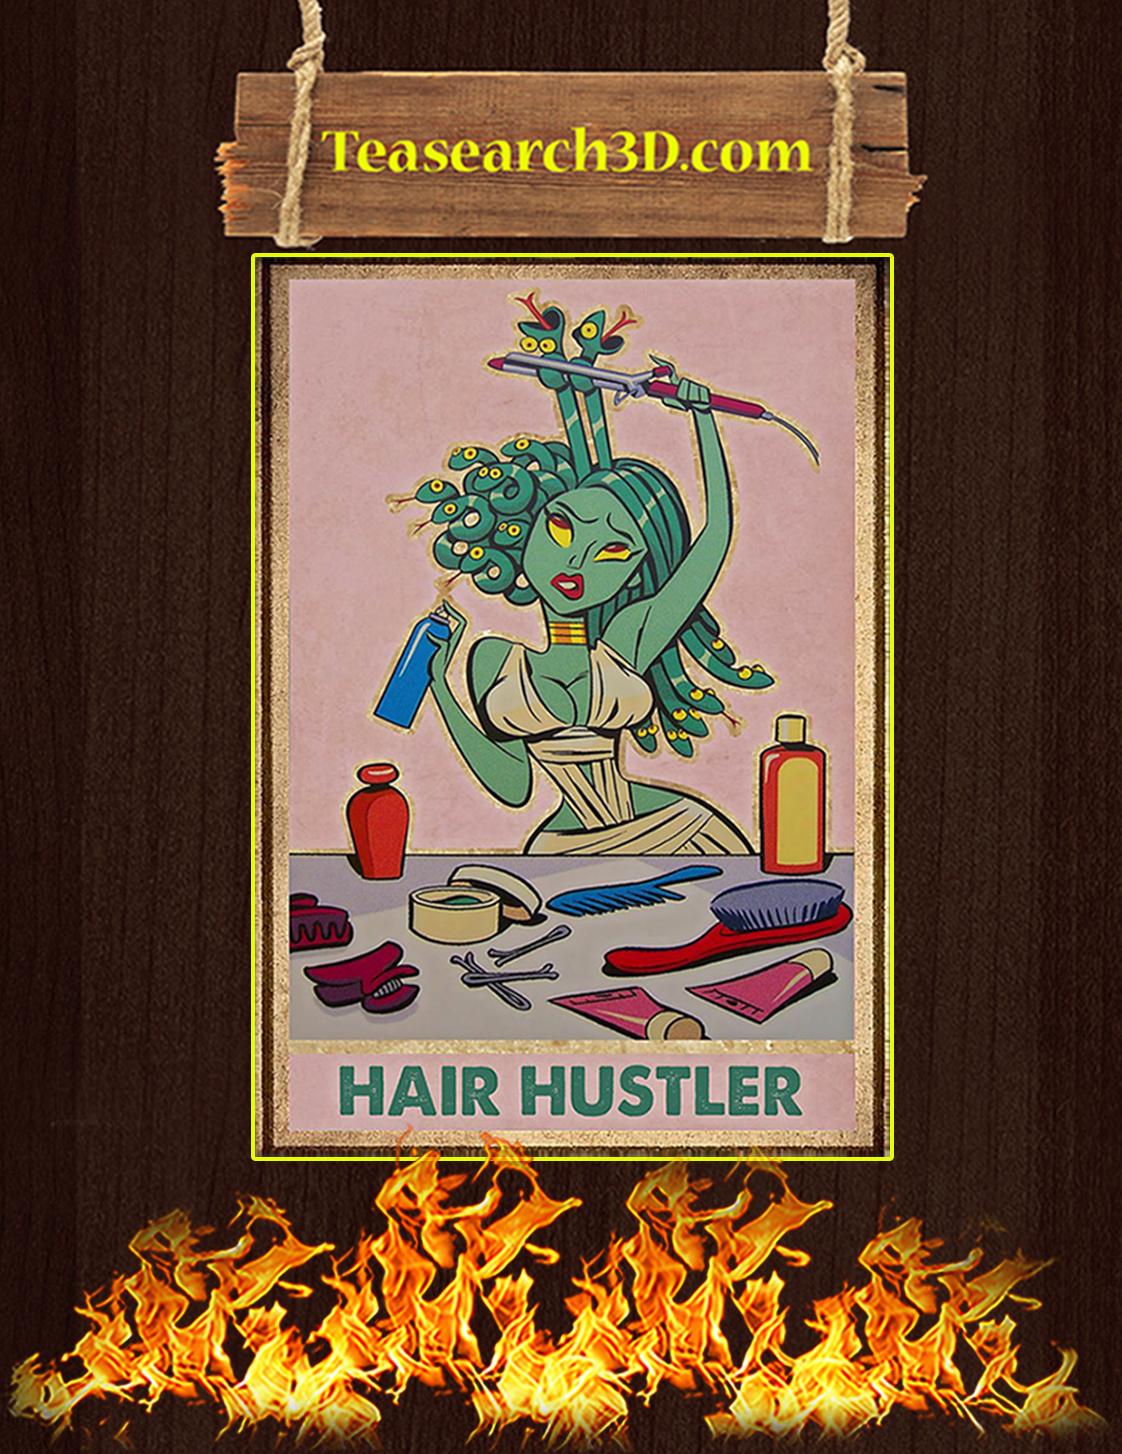 Hair hustler poster A3